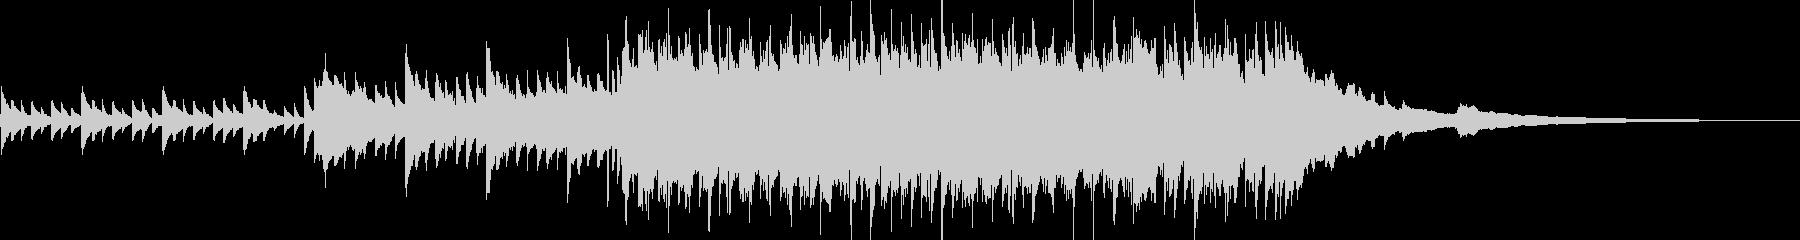 しっとりと切ないピアノのナンバーの未再生の波形